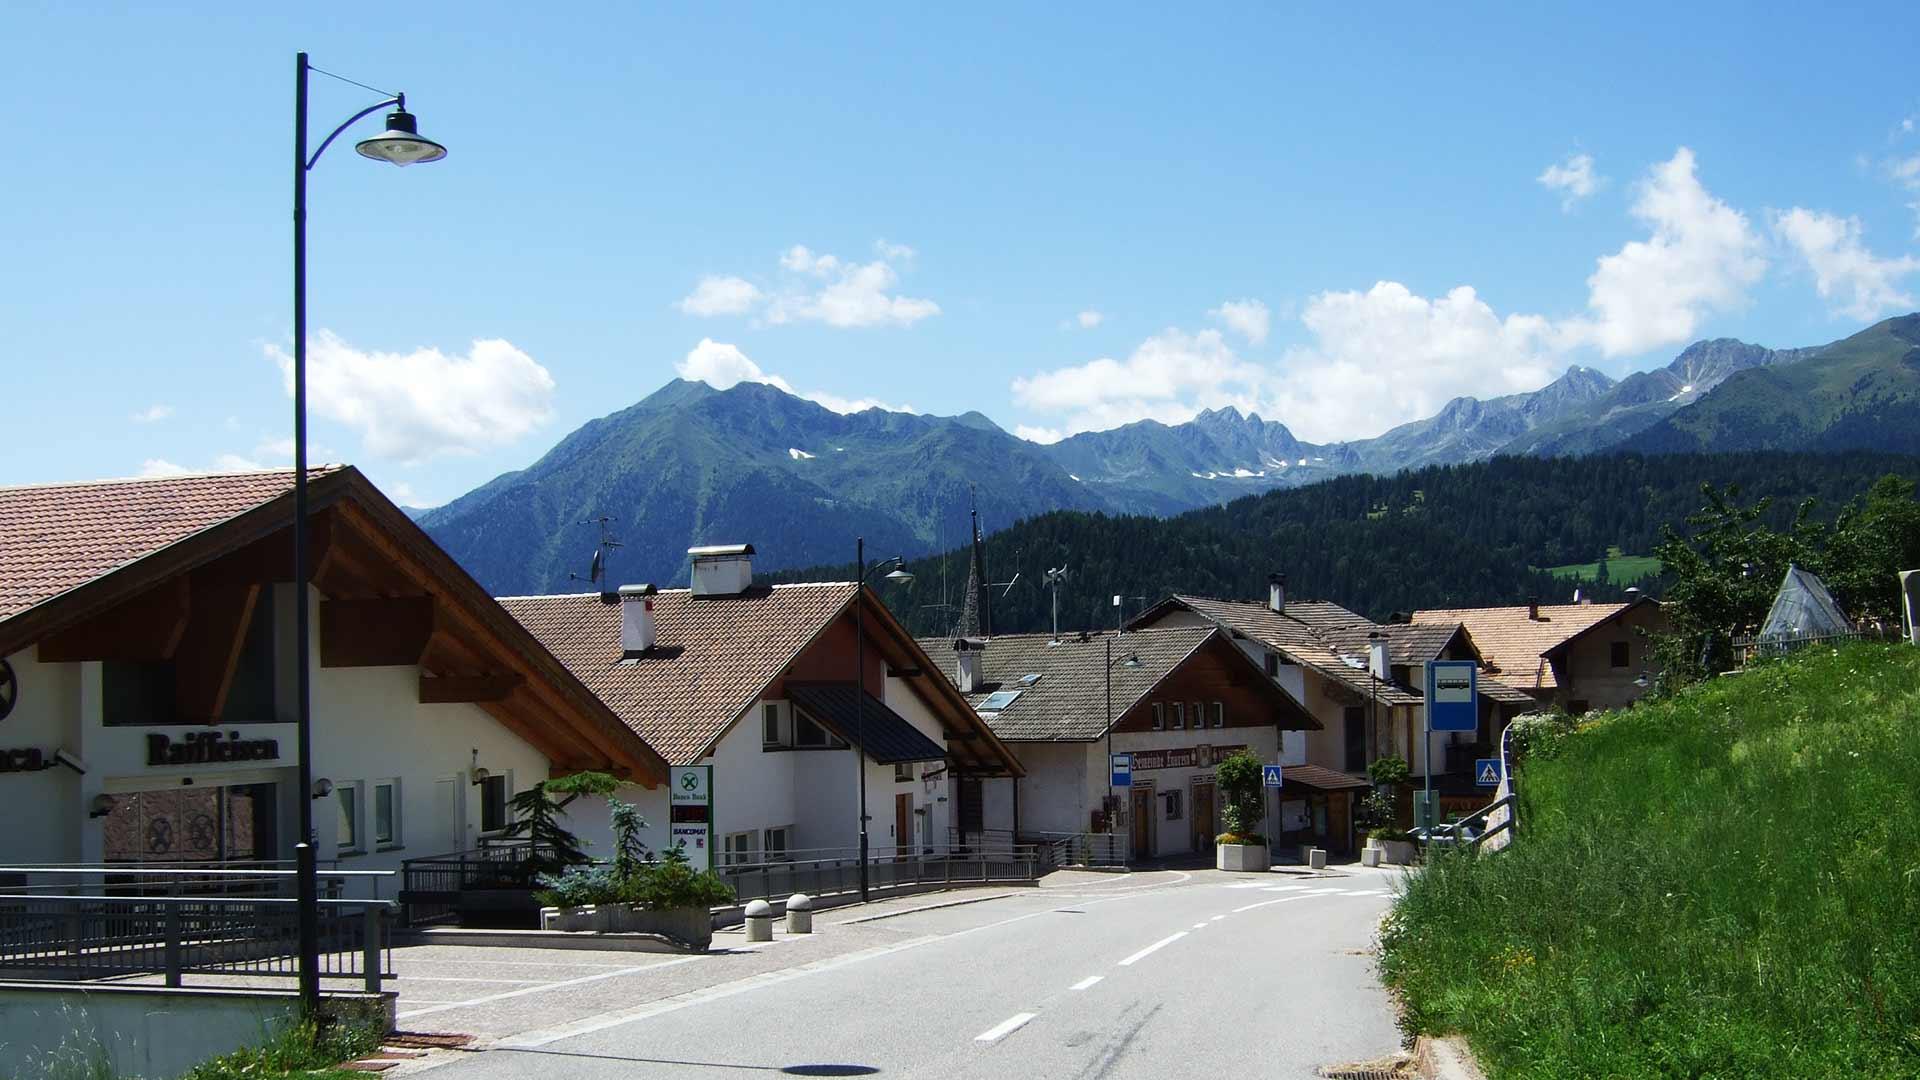 Villaggio di Lauregno